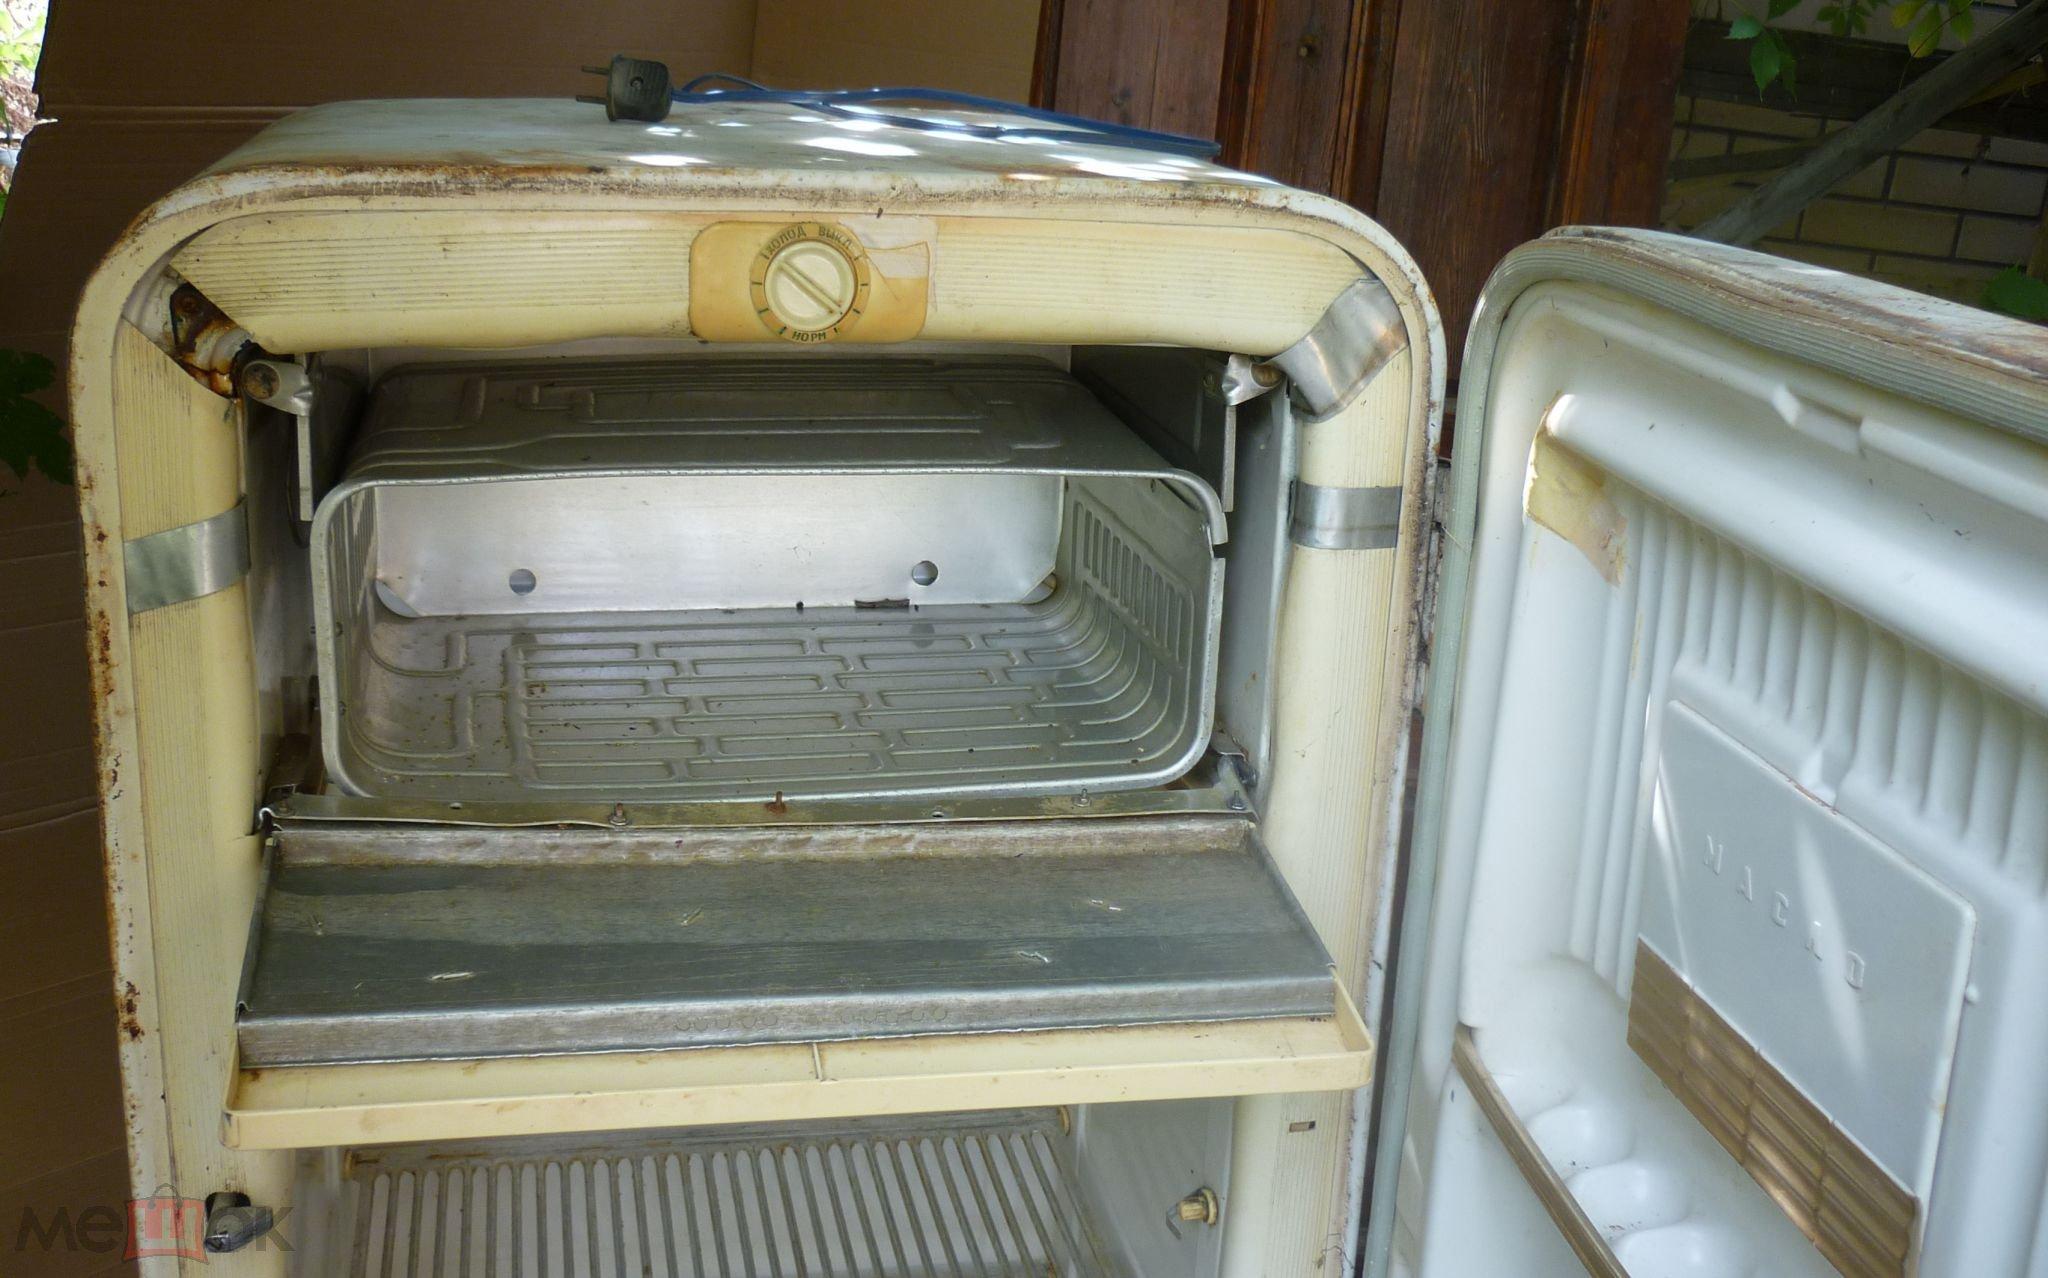 винтажный холодильник зил москва 60 екх 240ссср